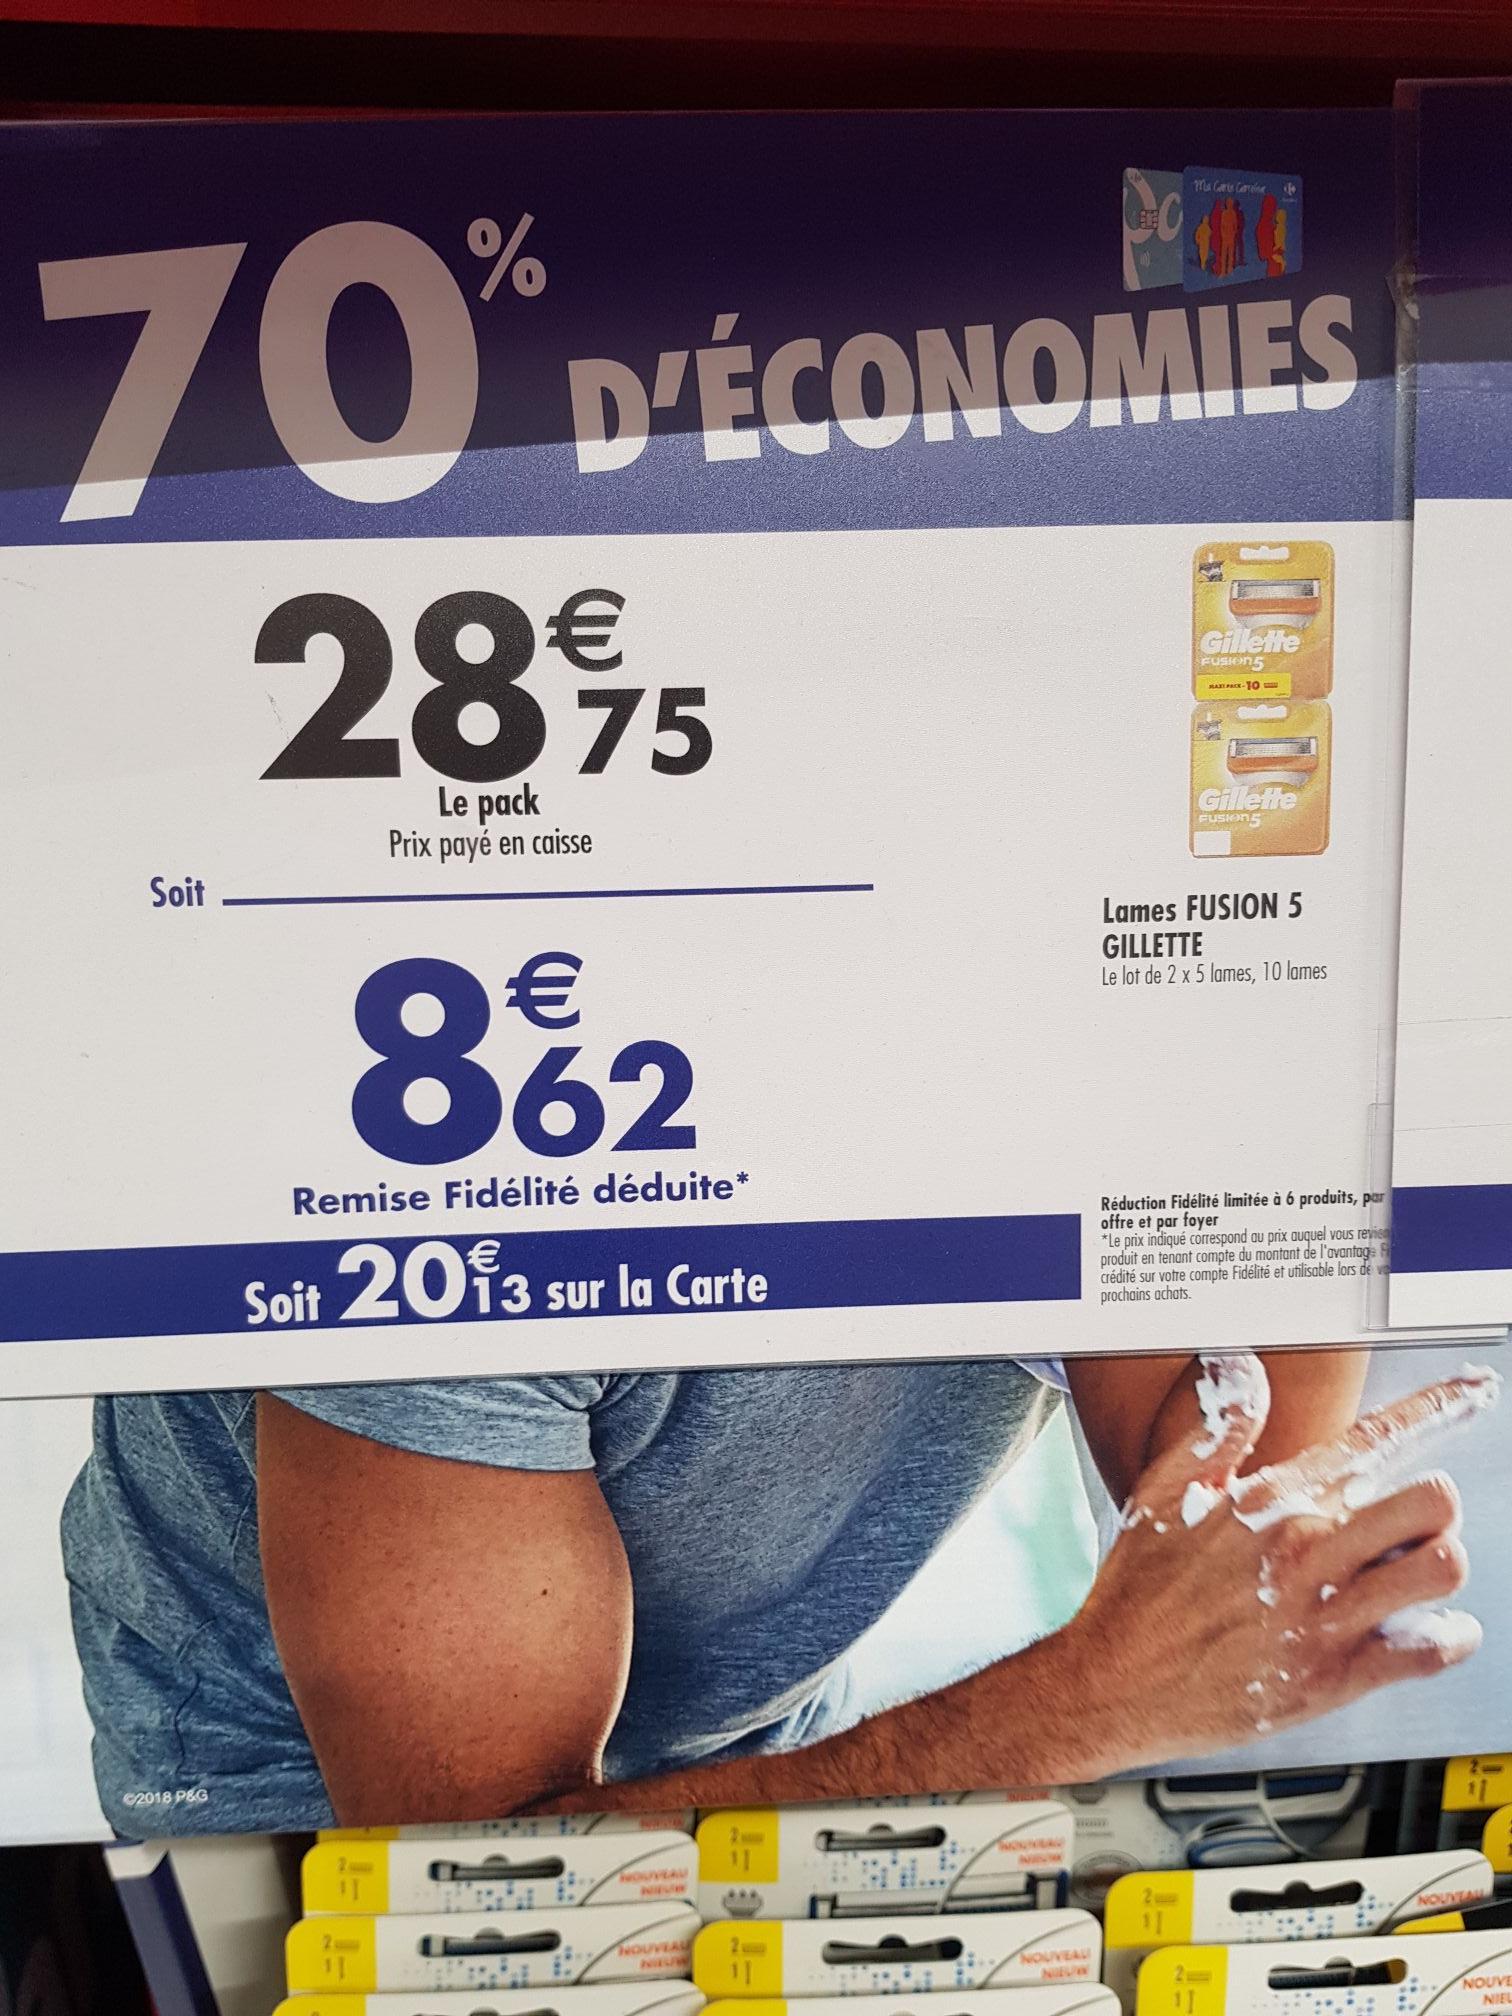 10 Lames de rasoir Gilette Fusion 5 (via 20.13€ sur la carte fidélité) - Villeneuve-la-Garenne (92)